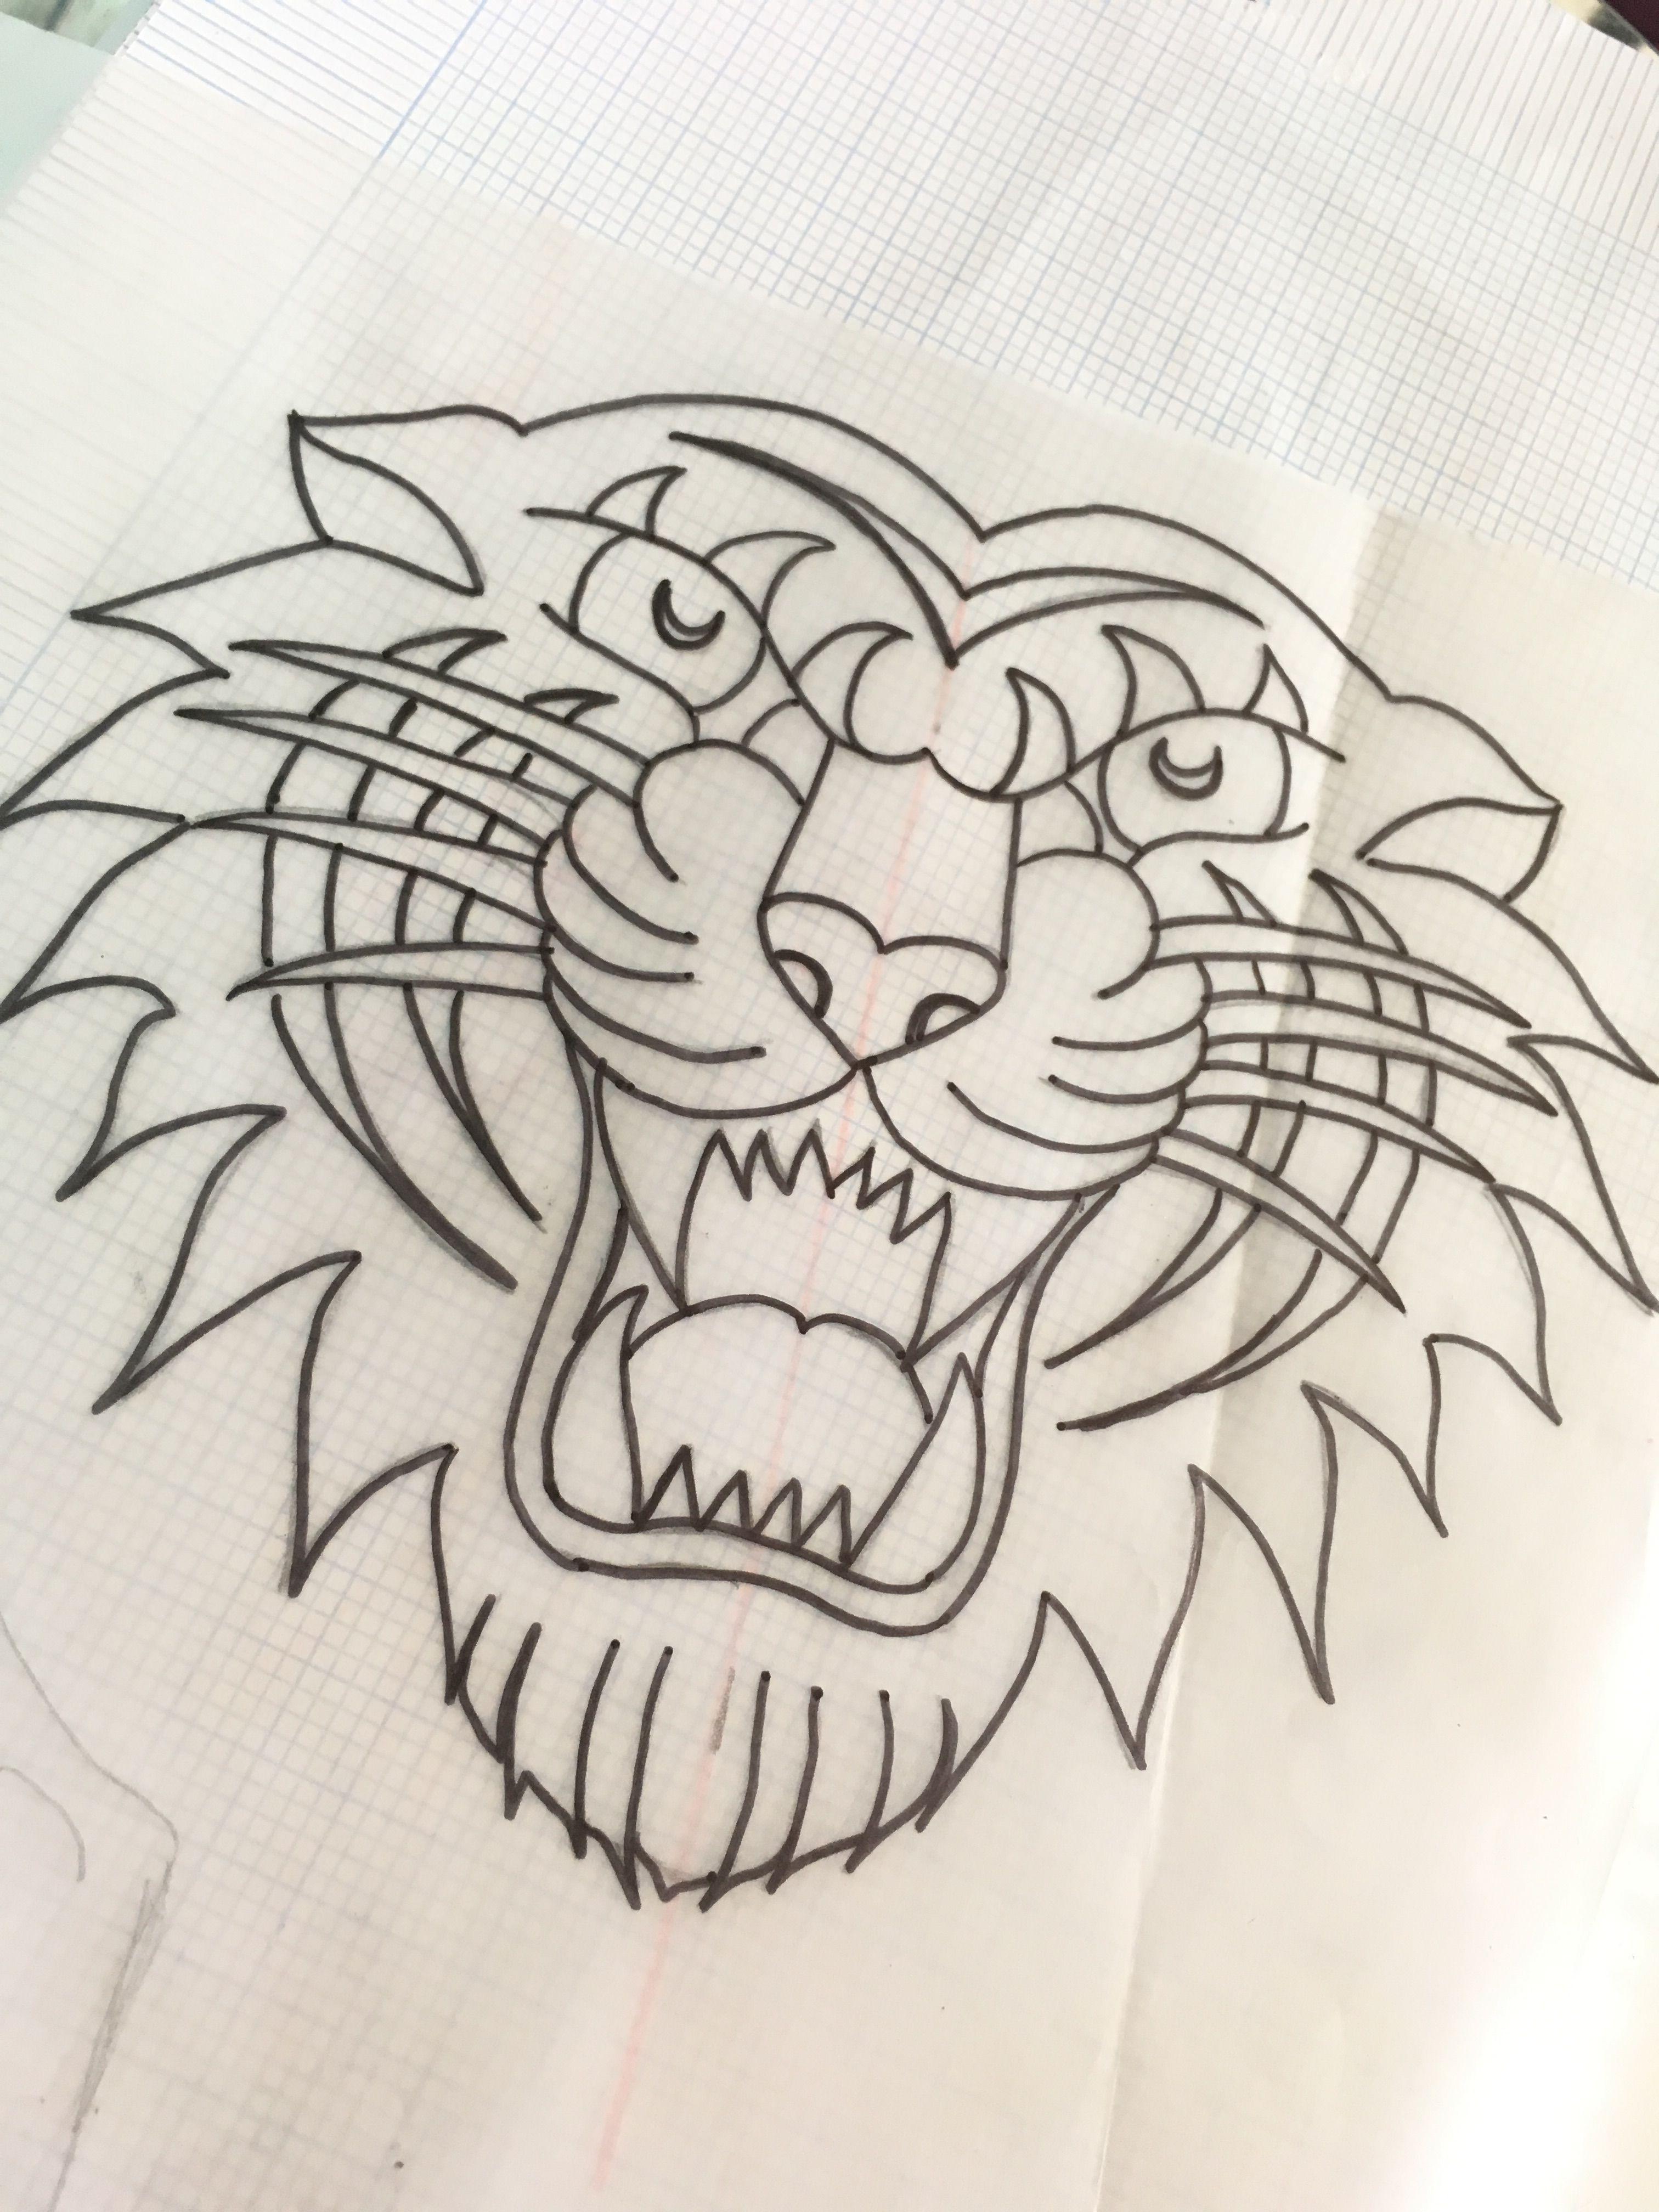 Dibujo tradicional old school tattoo tigre tattoo for Tattoo school listings